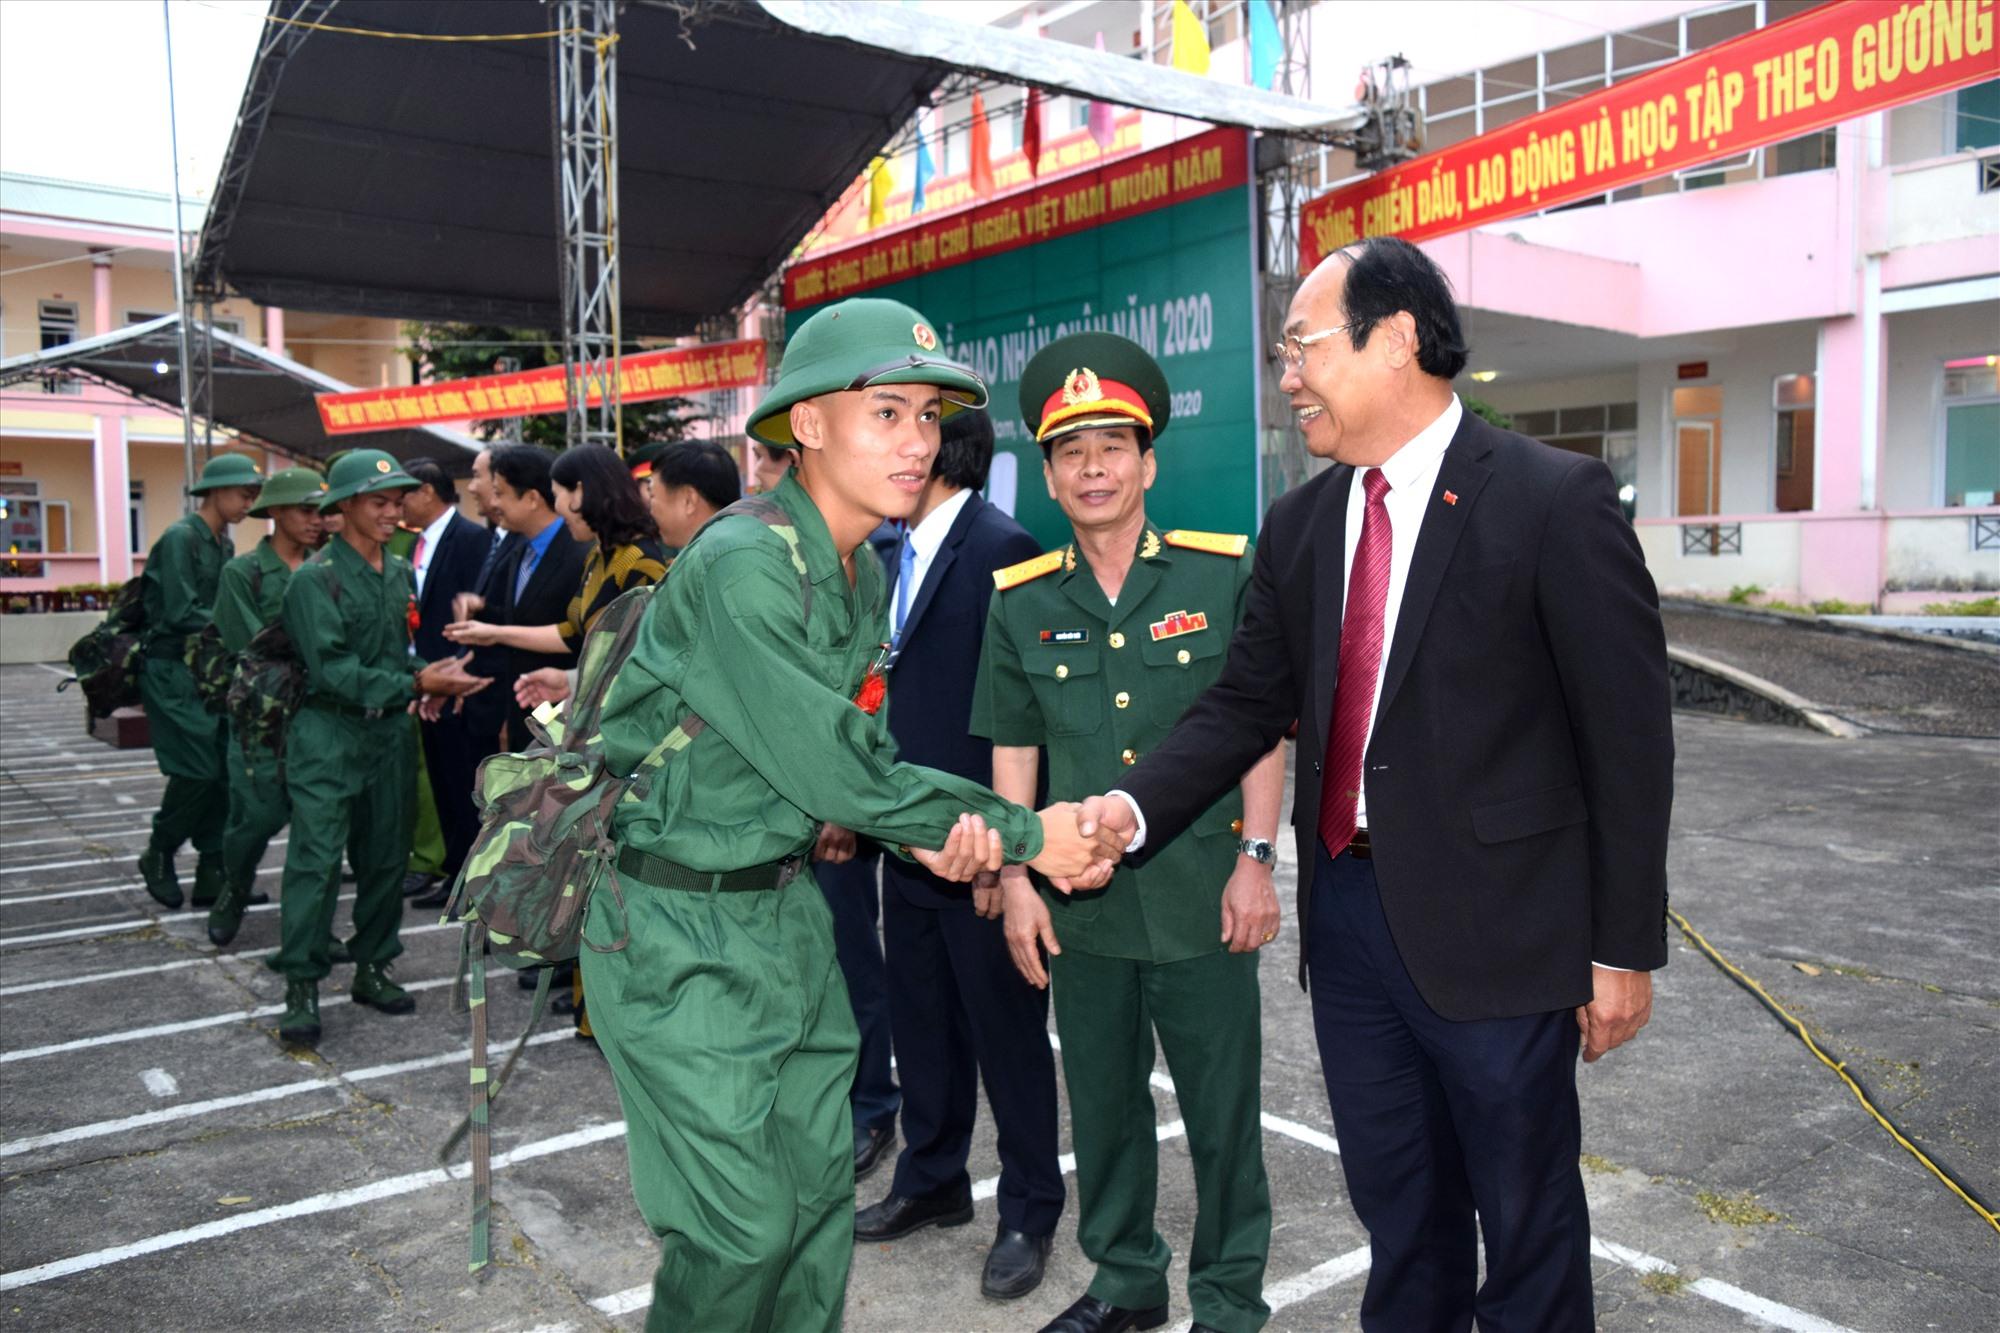 Đồng chí Võ Xuân Ca - Trưởng Ban Dân vận Tỉnh ủy, Chủ tịch Uỷ ban MTTQ Việt Nam tỉnh bắt tay động viên thanh niên.